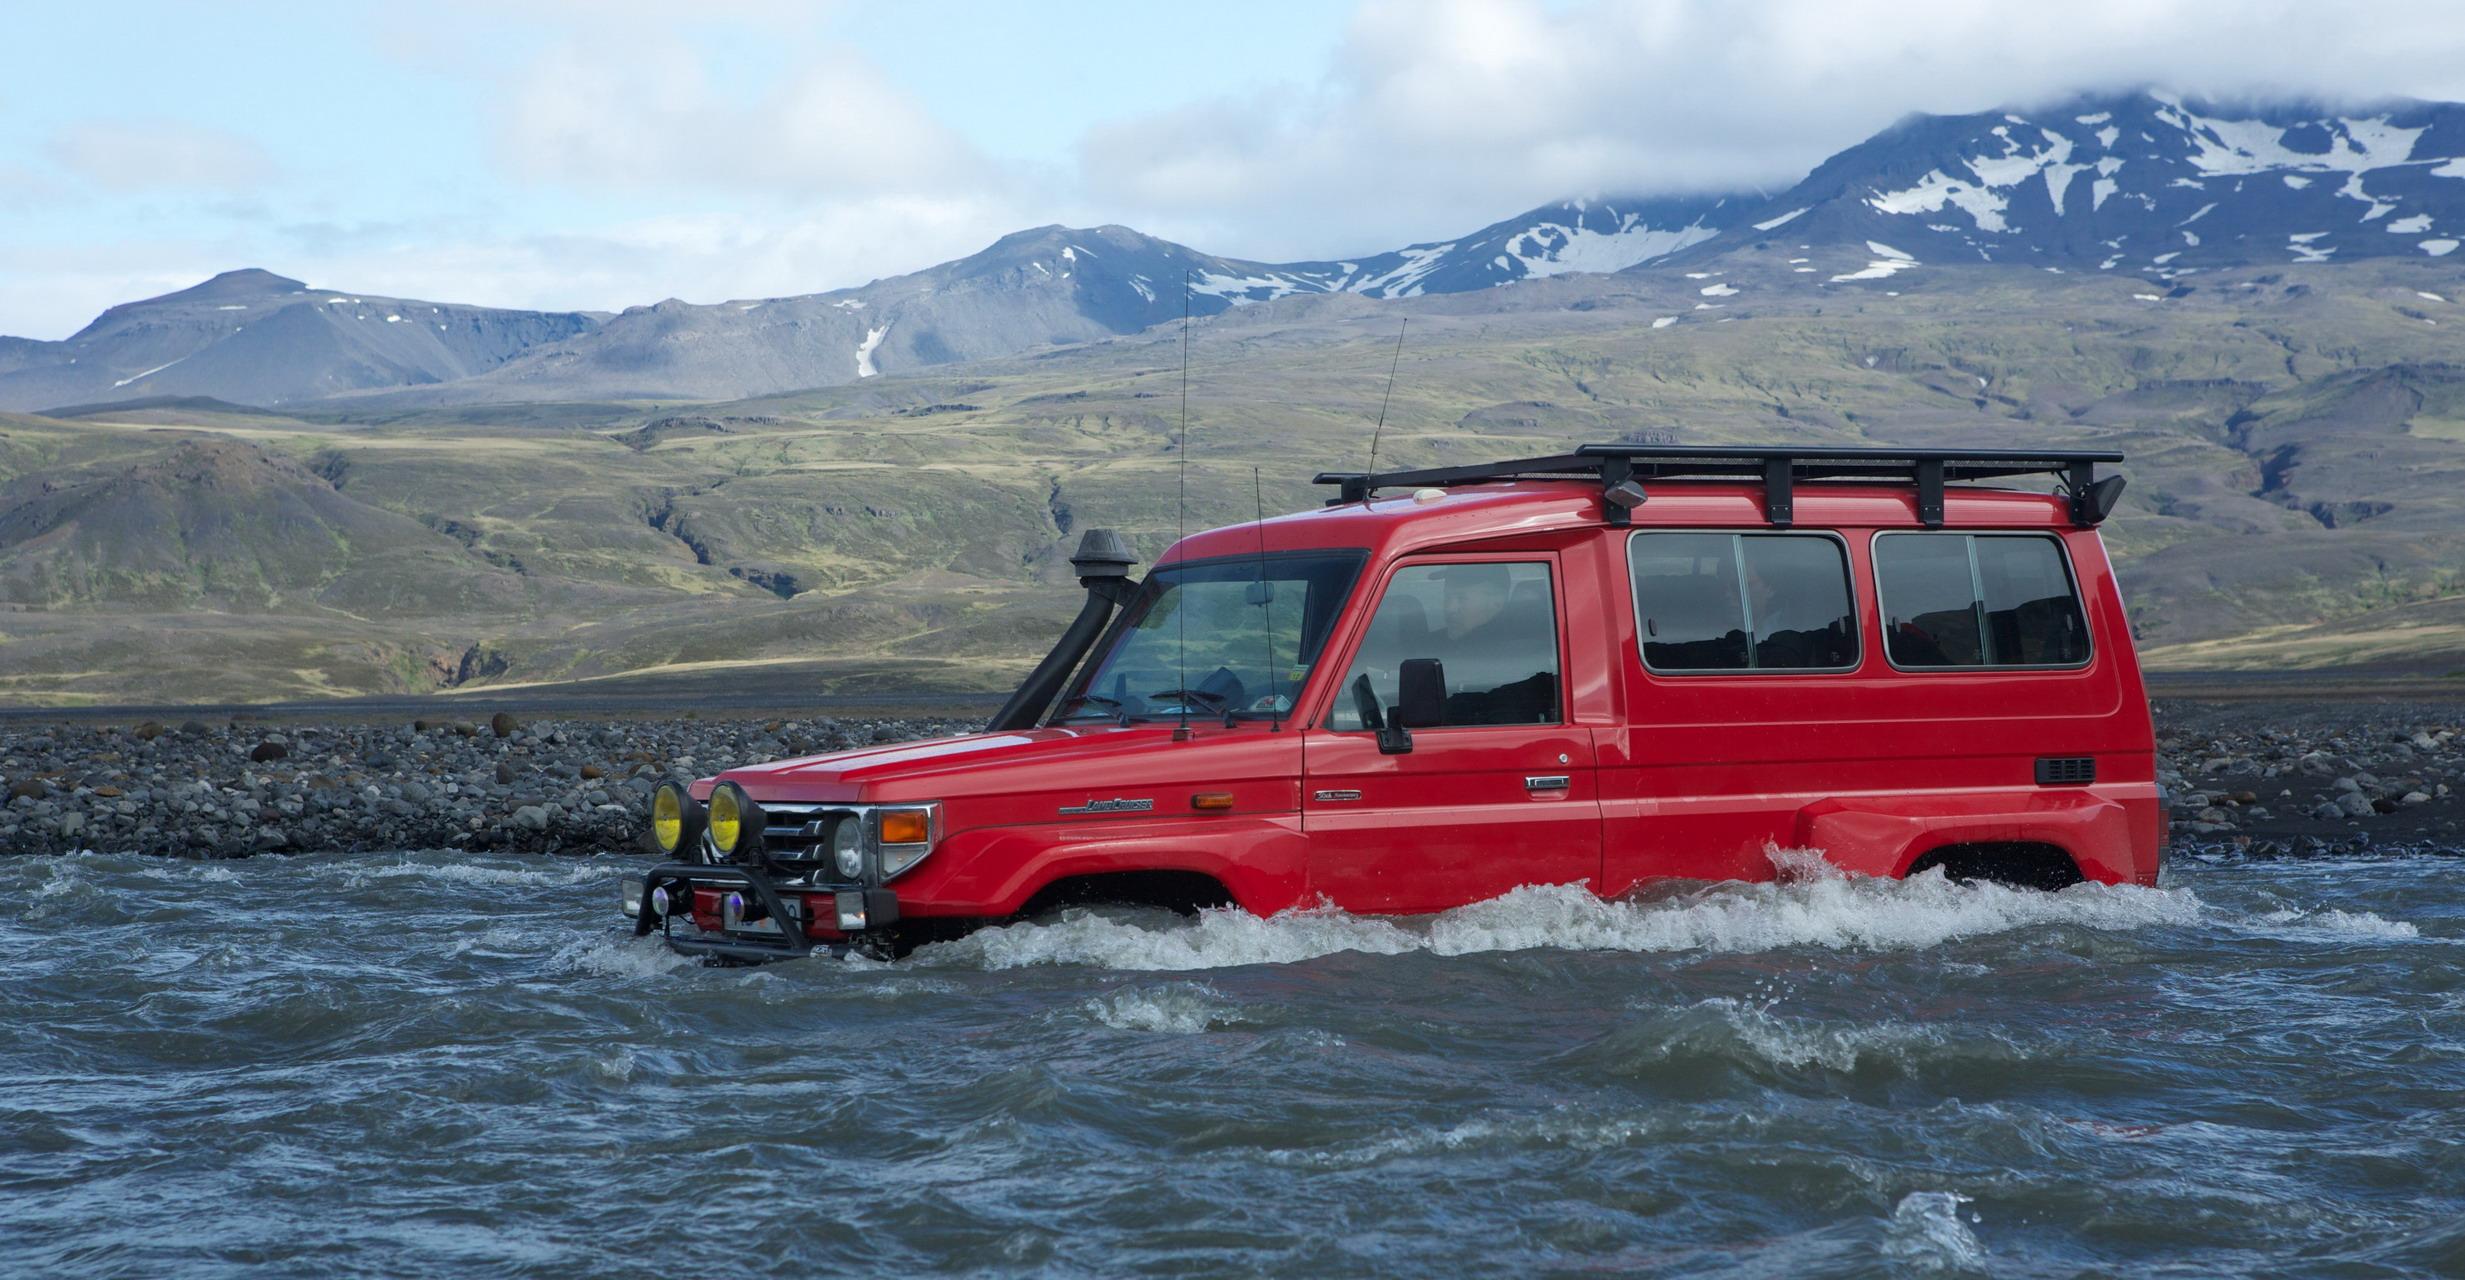 Izland autóbérlés autókölcsönzés